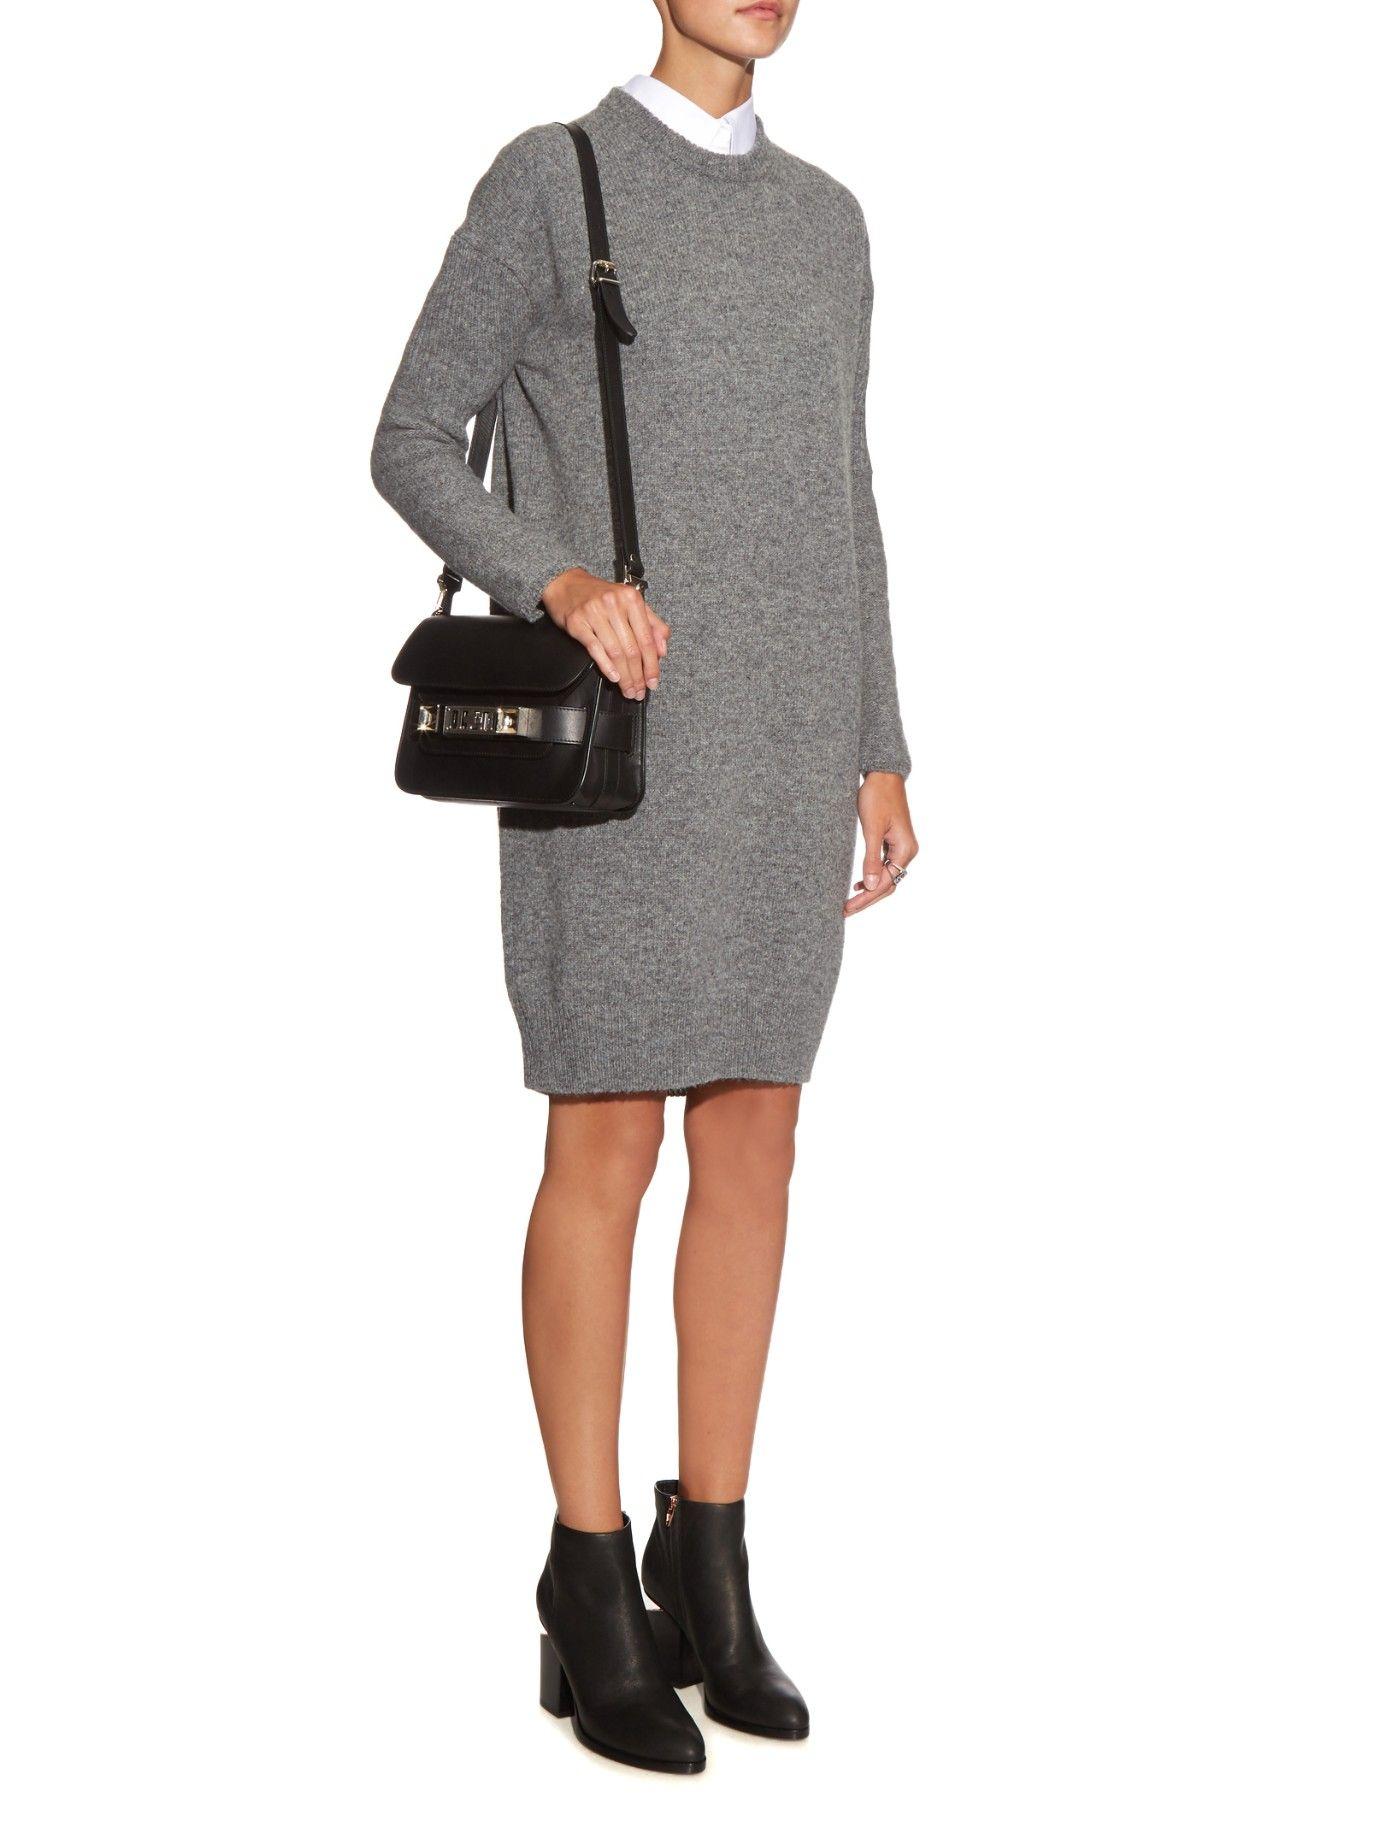 Phebe long-sleeved wool-knit dress | Acne Studios | MATCHESFASHION.COM UK